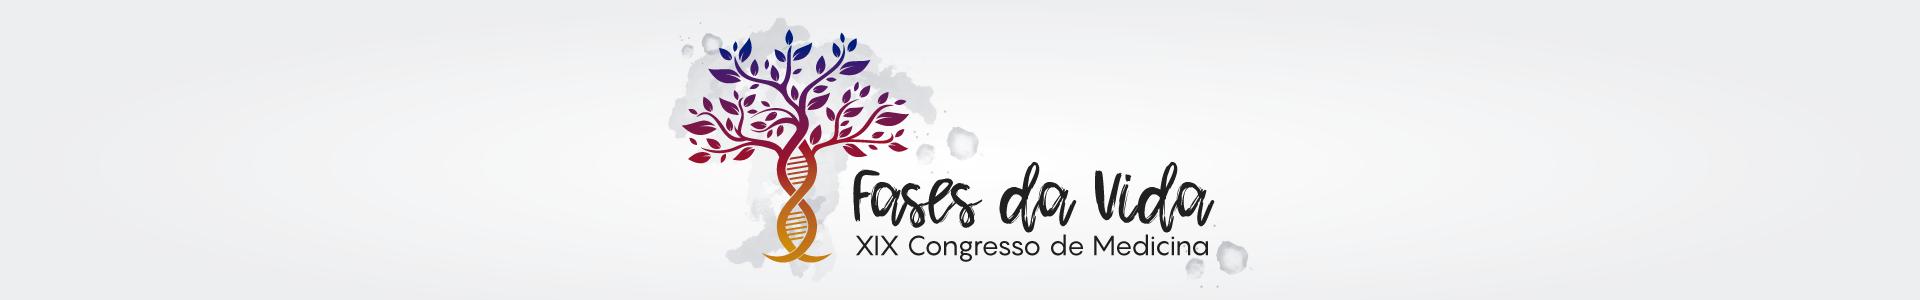 XIX Congresso de Medicina